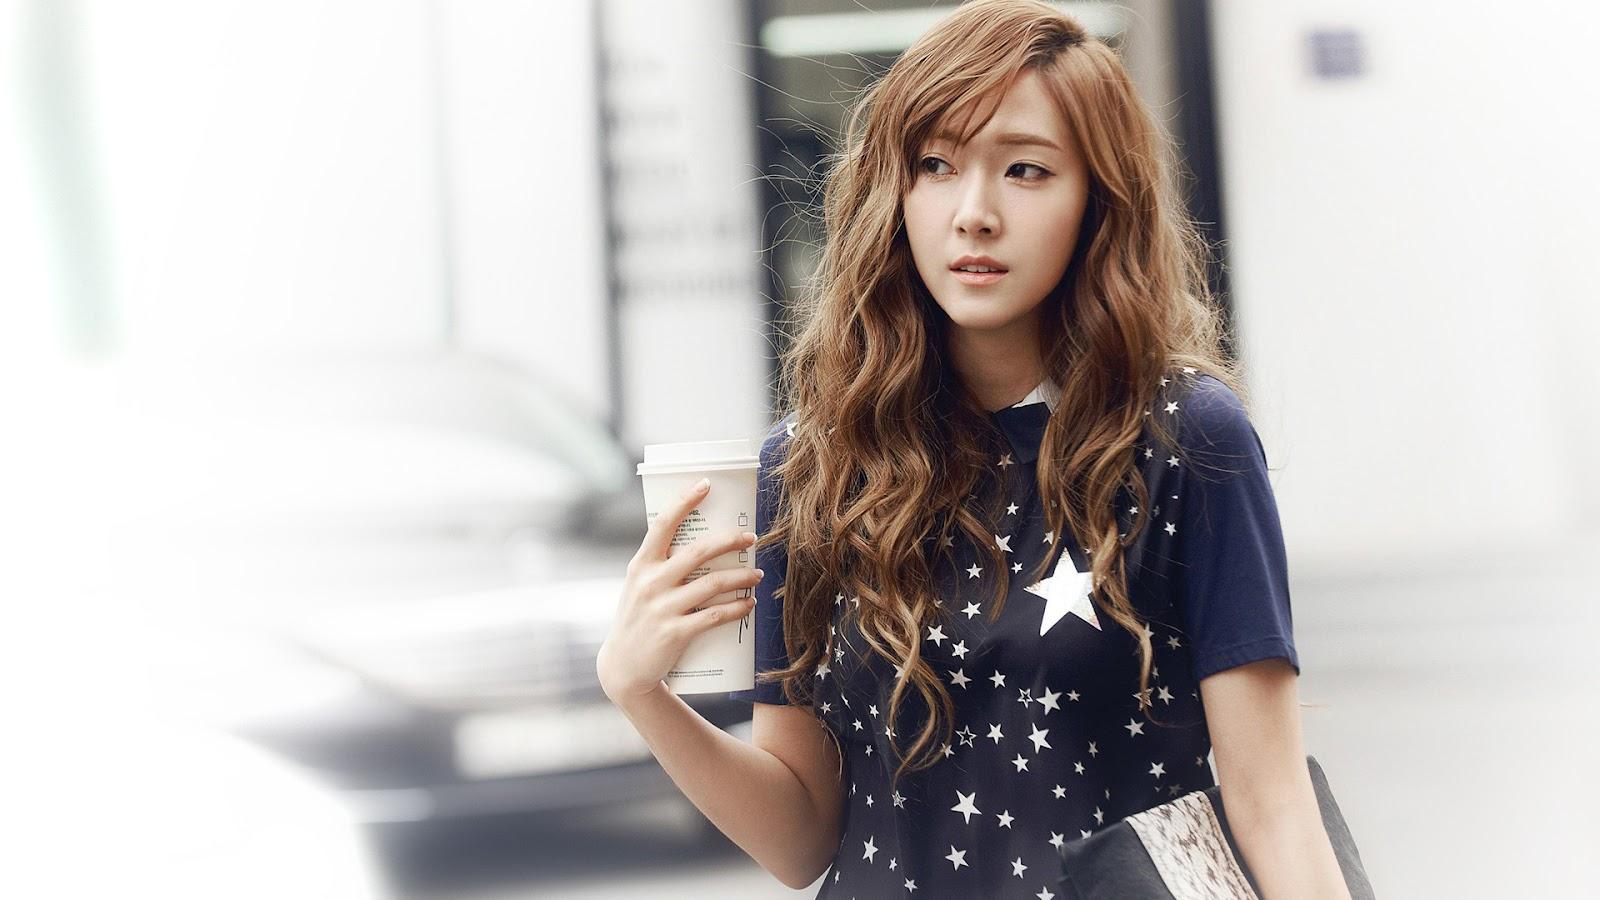 Jessica - Girls Generation/SNSD Wallpaper (32297414) - Fanpop